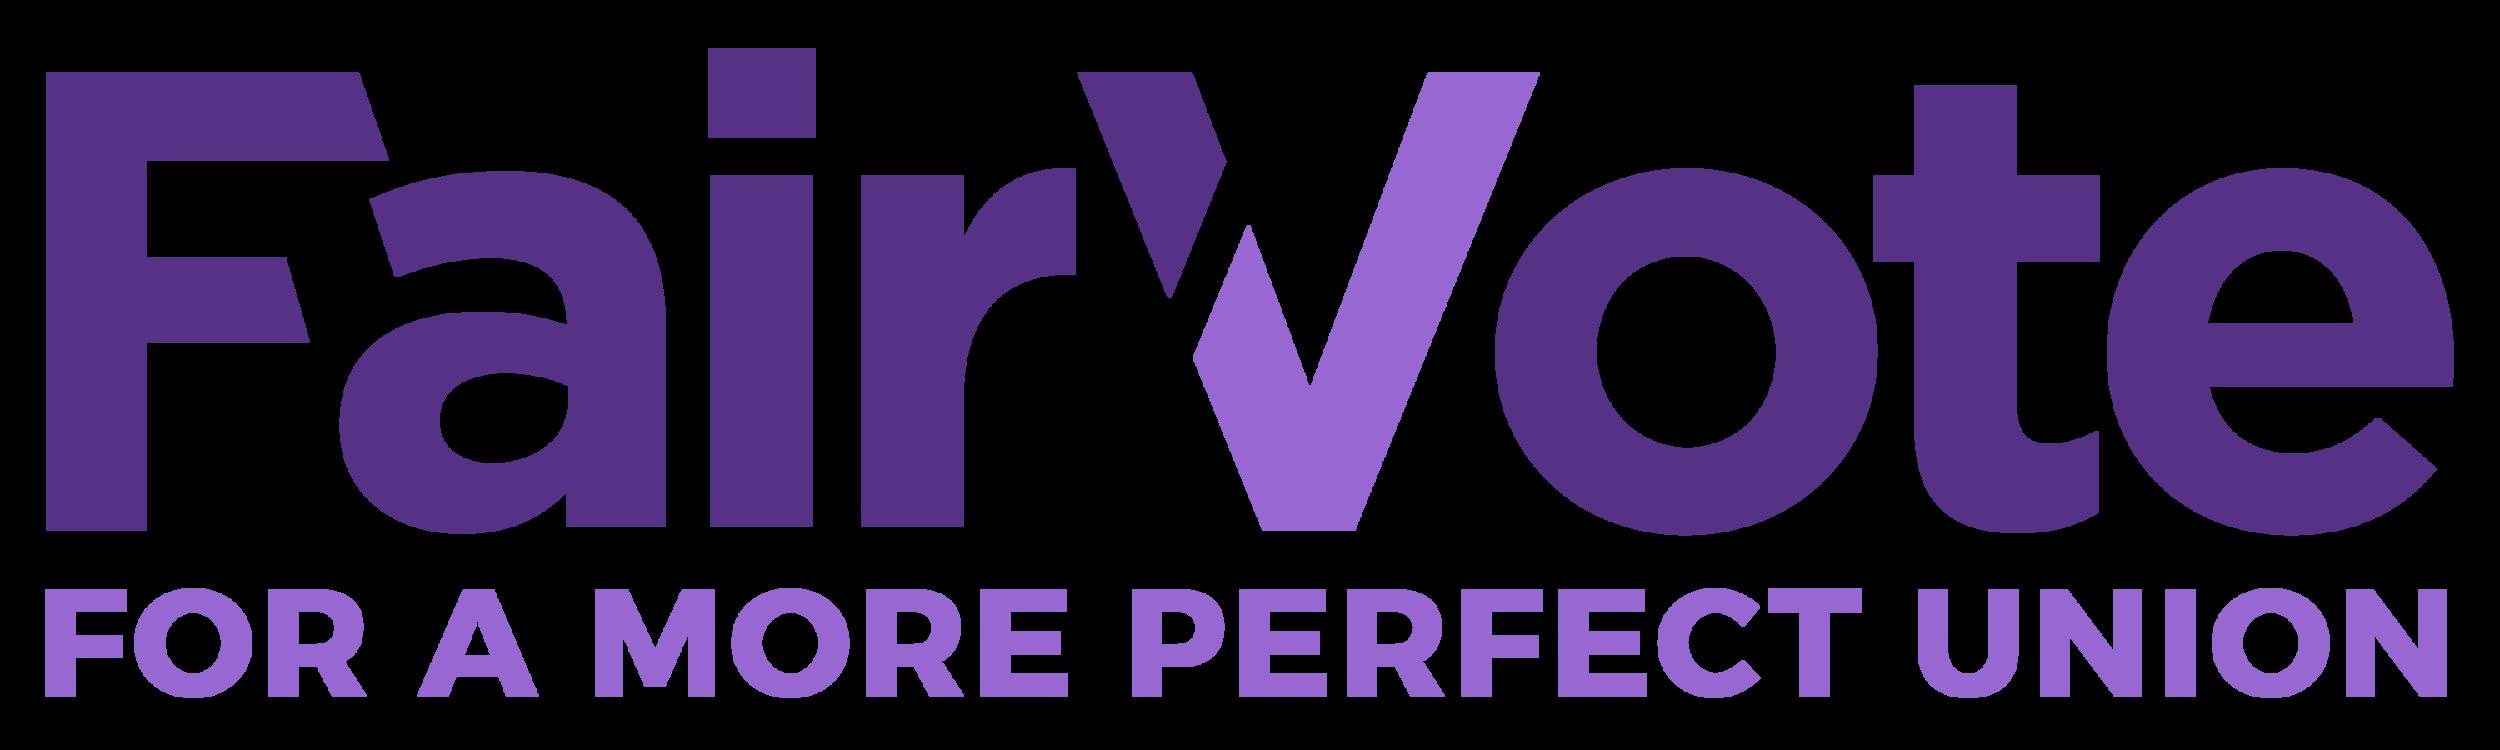 FV-Logo_tagline_2color-dark (1).png